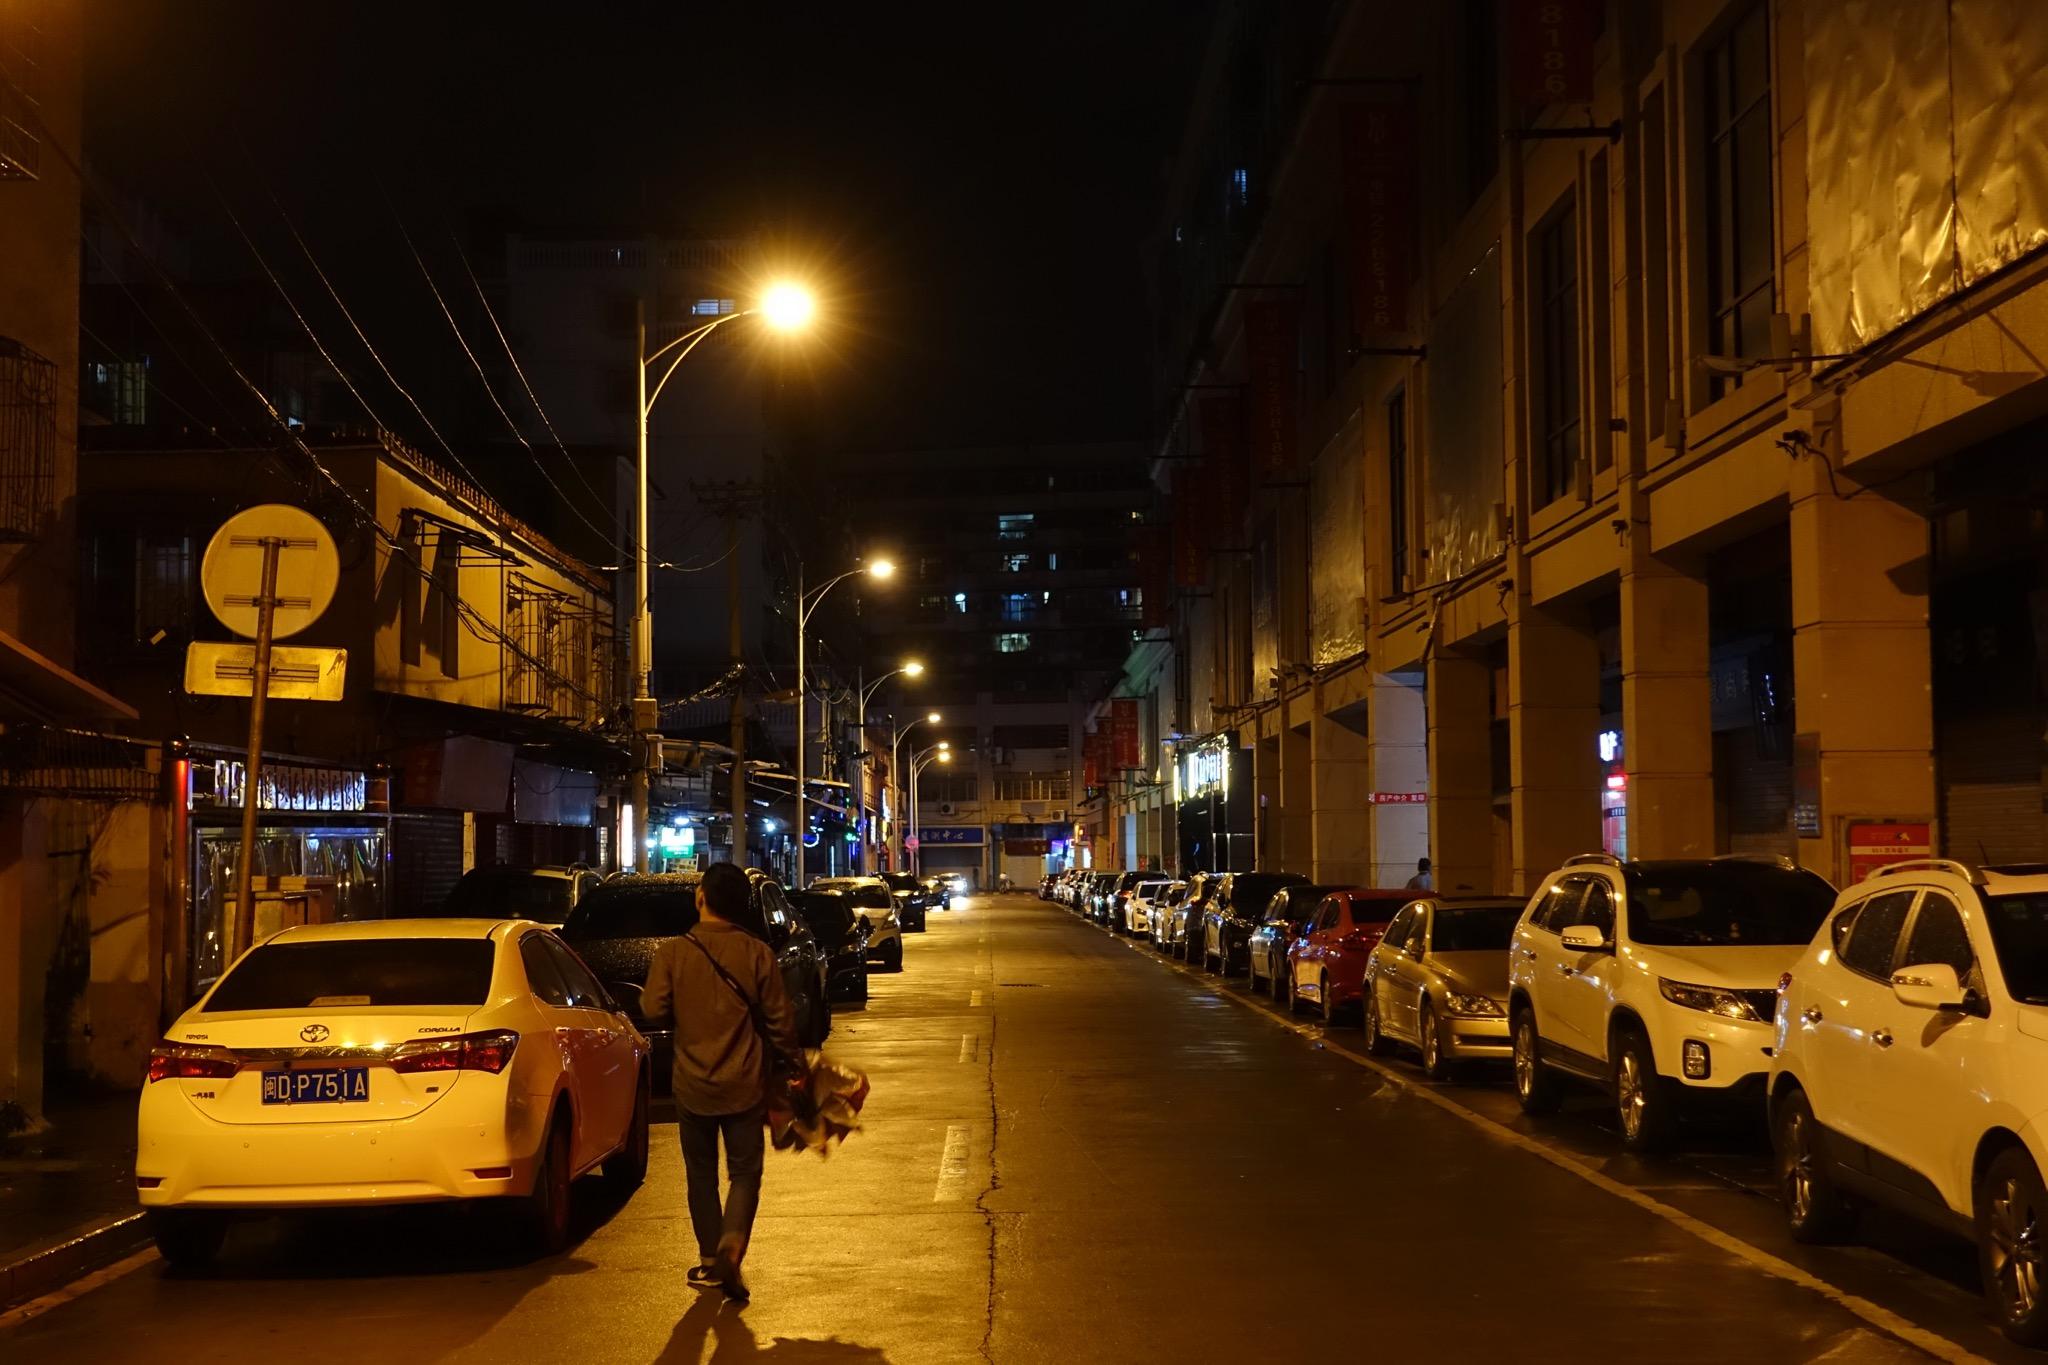 深夜的厦门街道